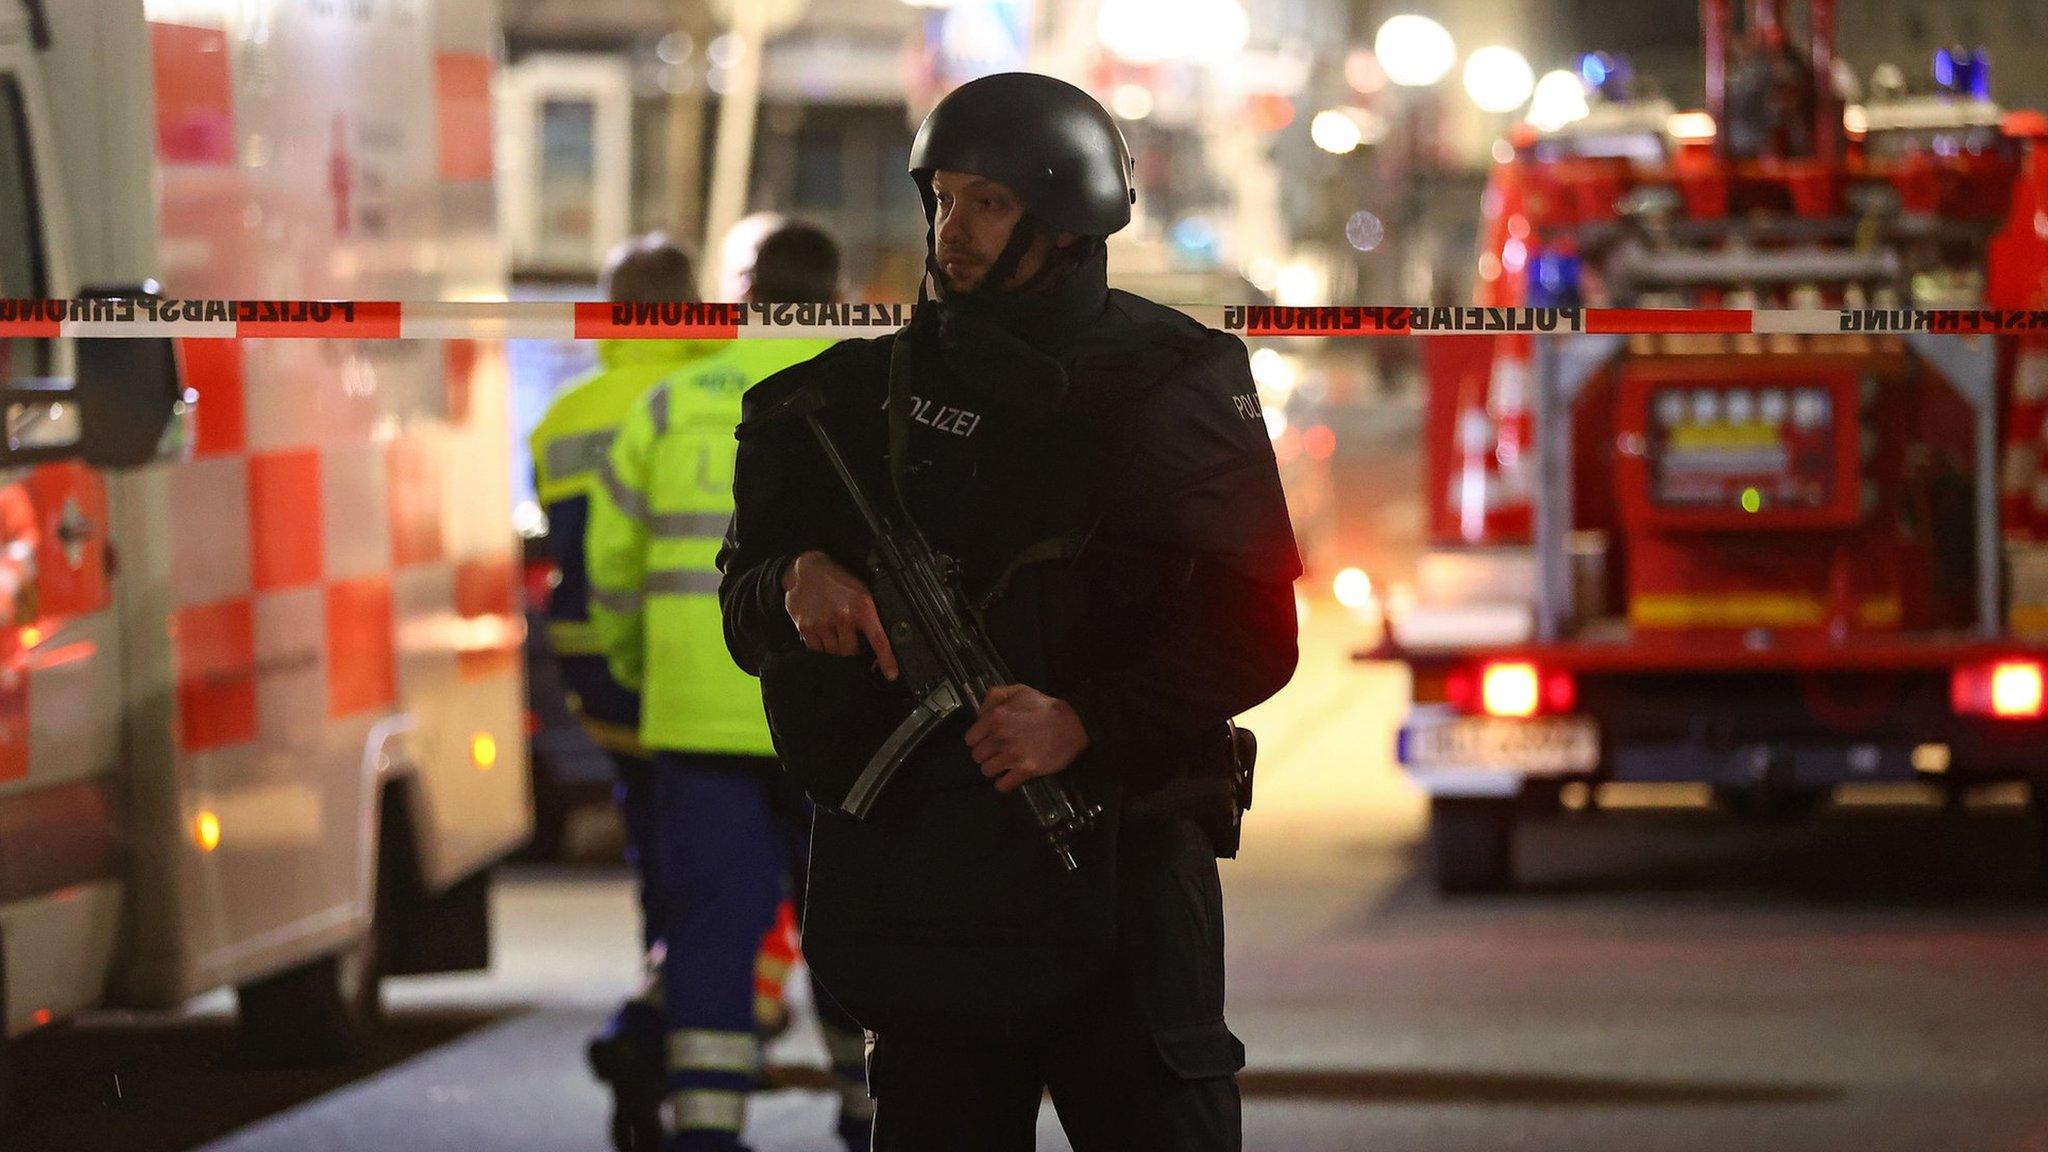 Стрельба в немецком городе Ханау: убито девять человек, подозреваемый найден мертвым